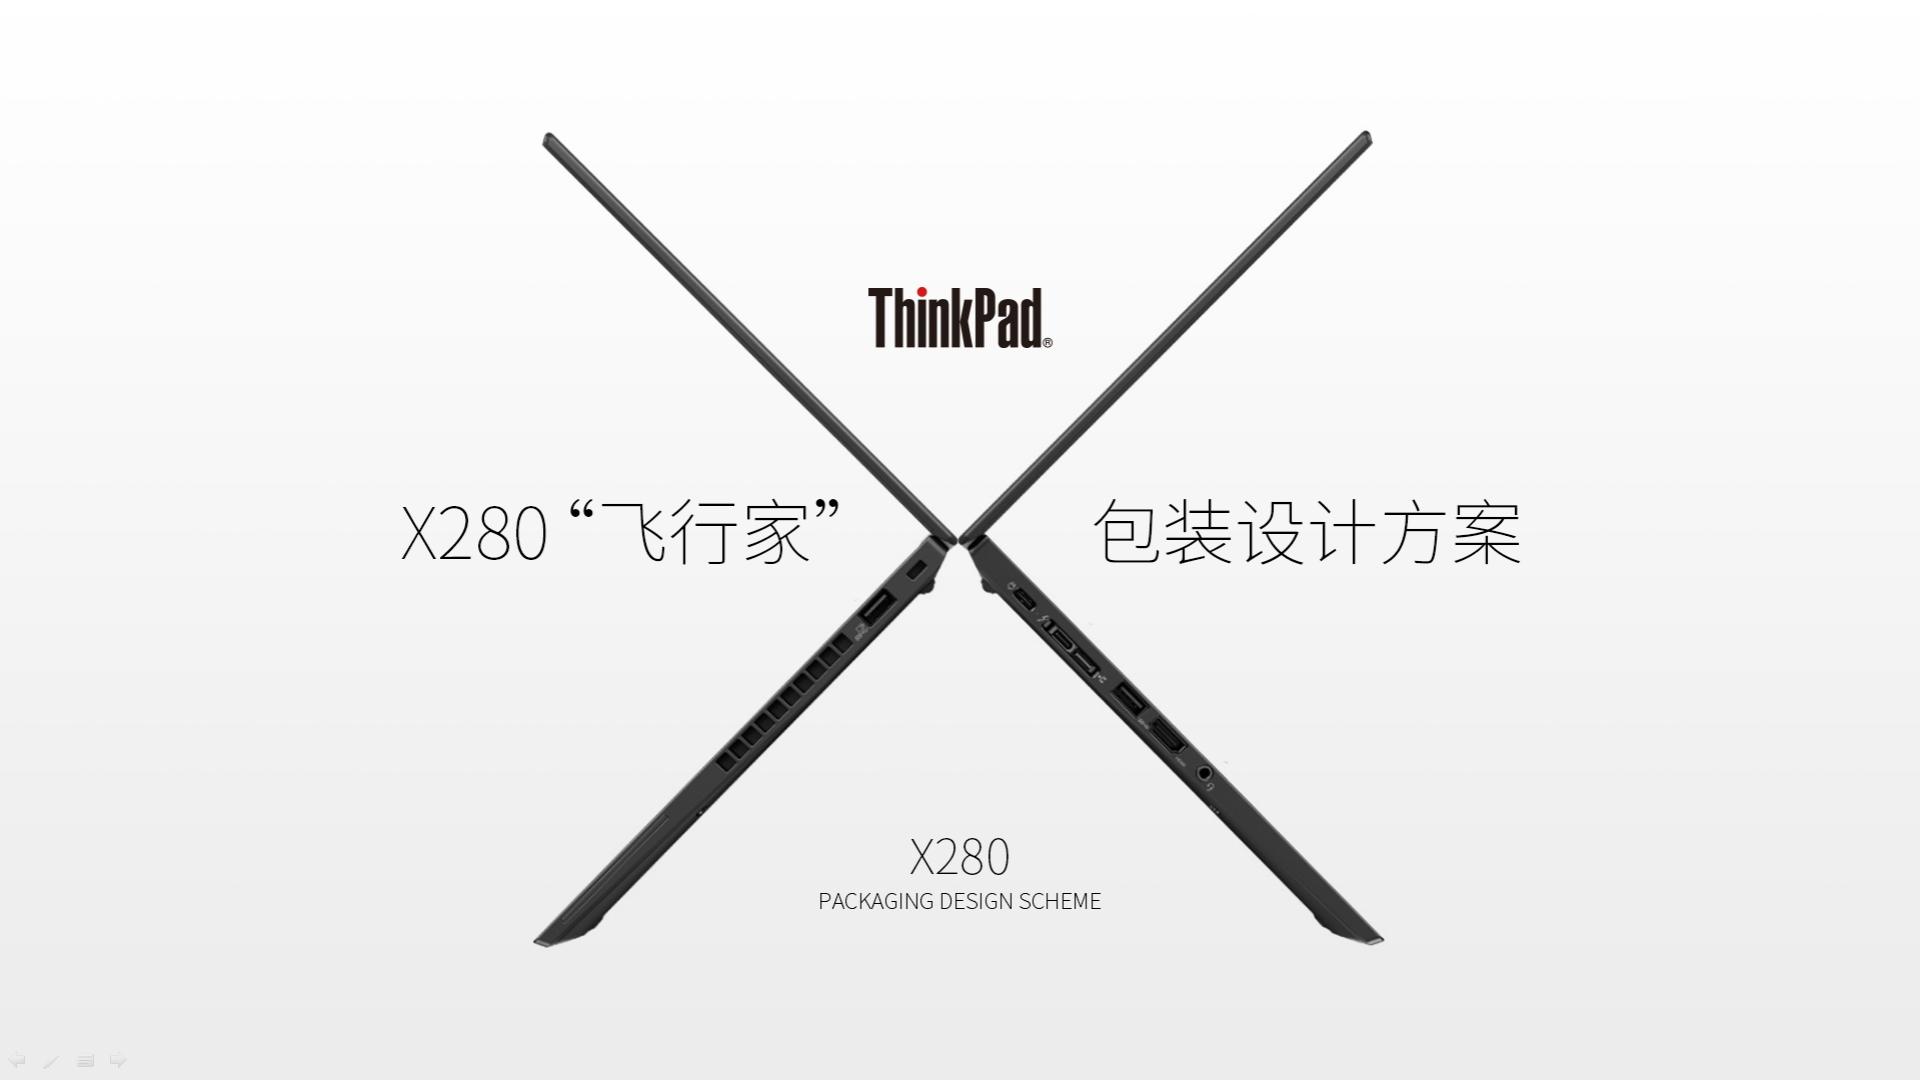 联想X280飞行家包装设计